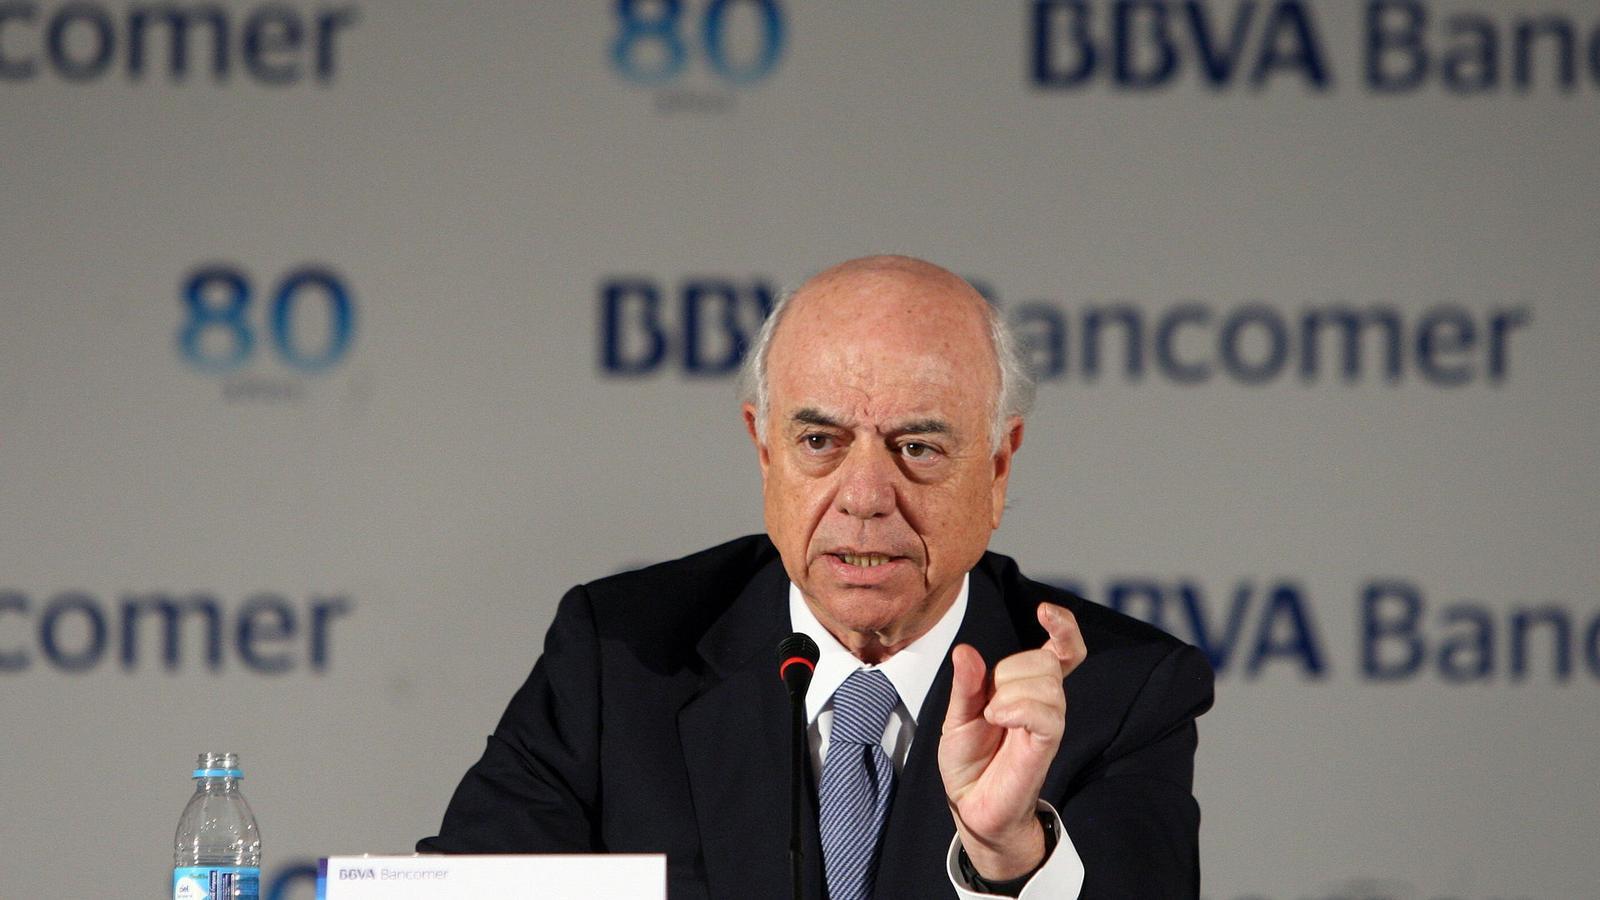 La indignació dels accionistes del BBVA amb el cas Villarejo, en 10 frases